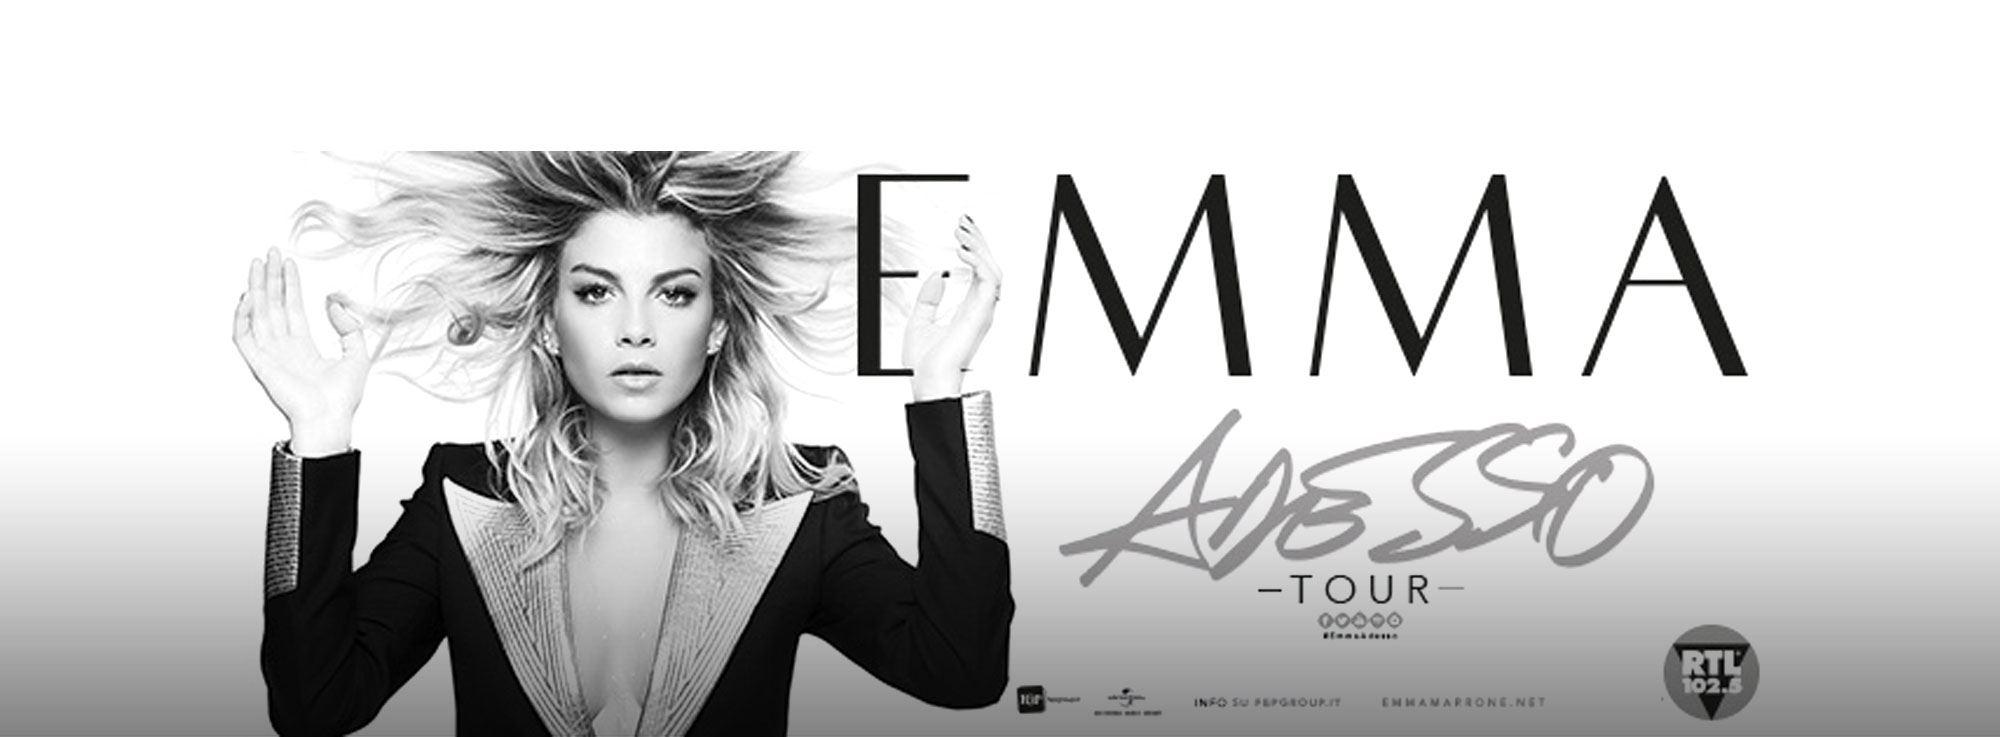 Bari: Emma in Concerto - Adesso Tour